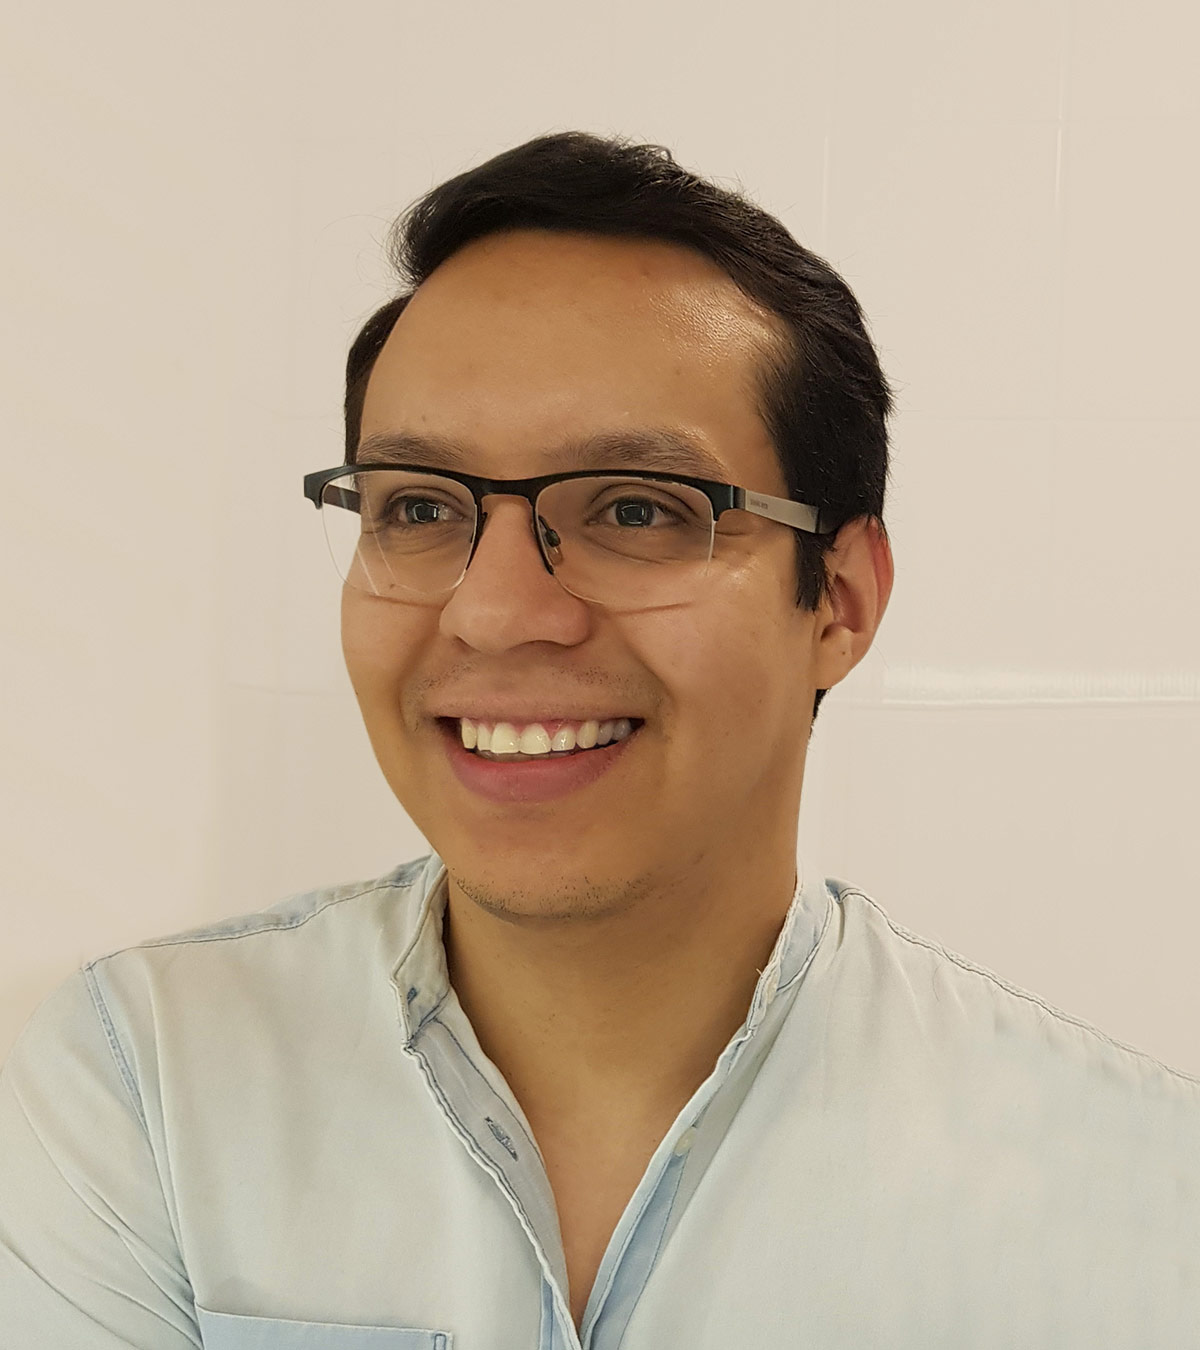 David Marin profile picture